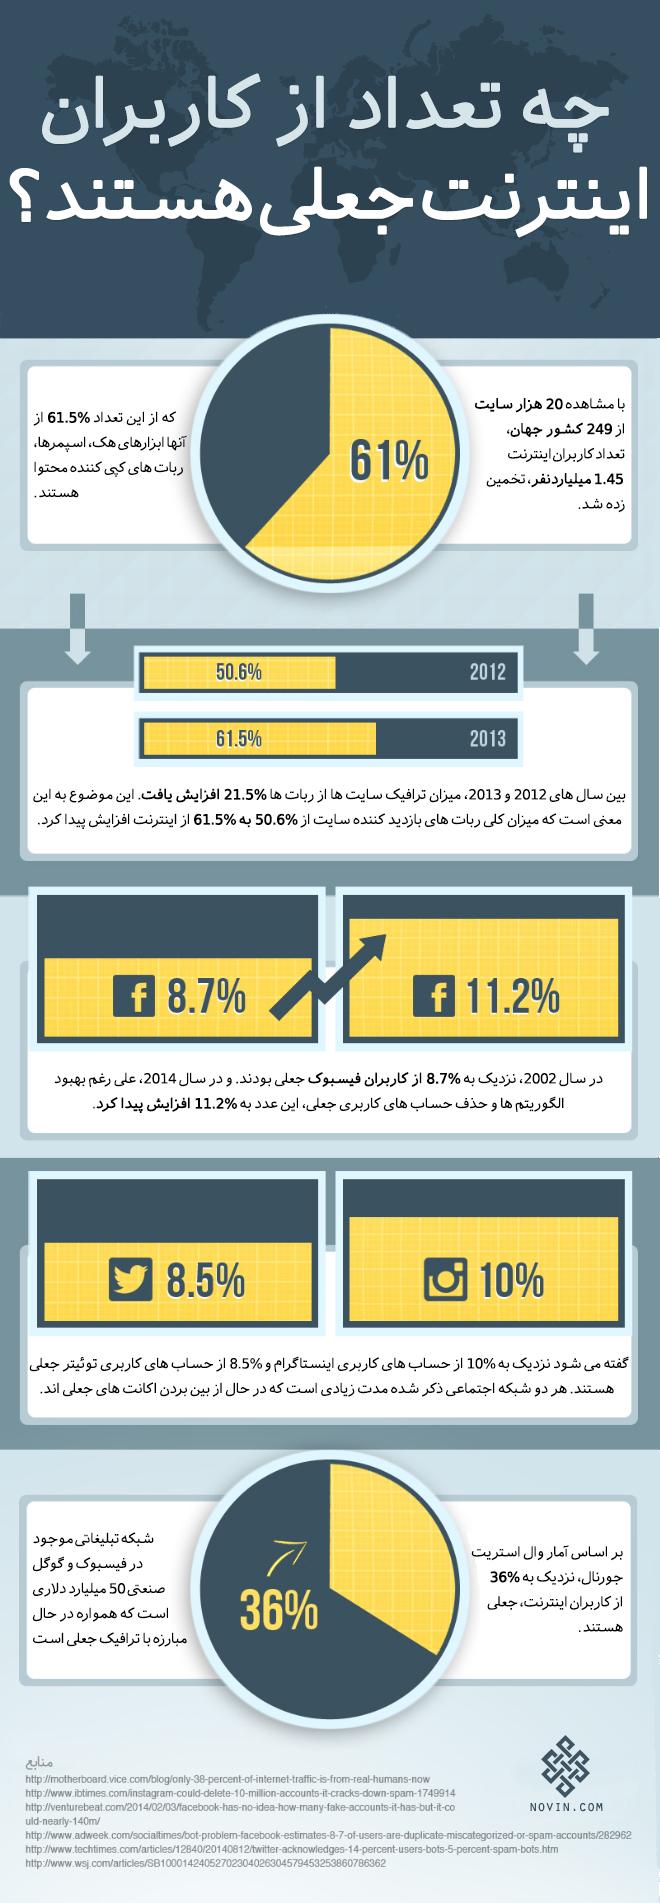 چه تعداد از کاربران شبکه های اجتماعی جعلی یا Fake هستند؟